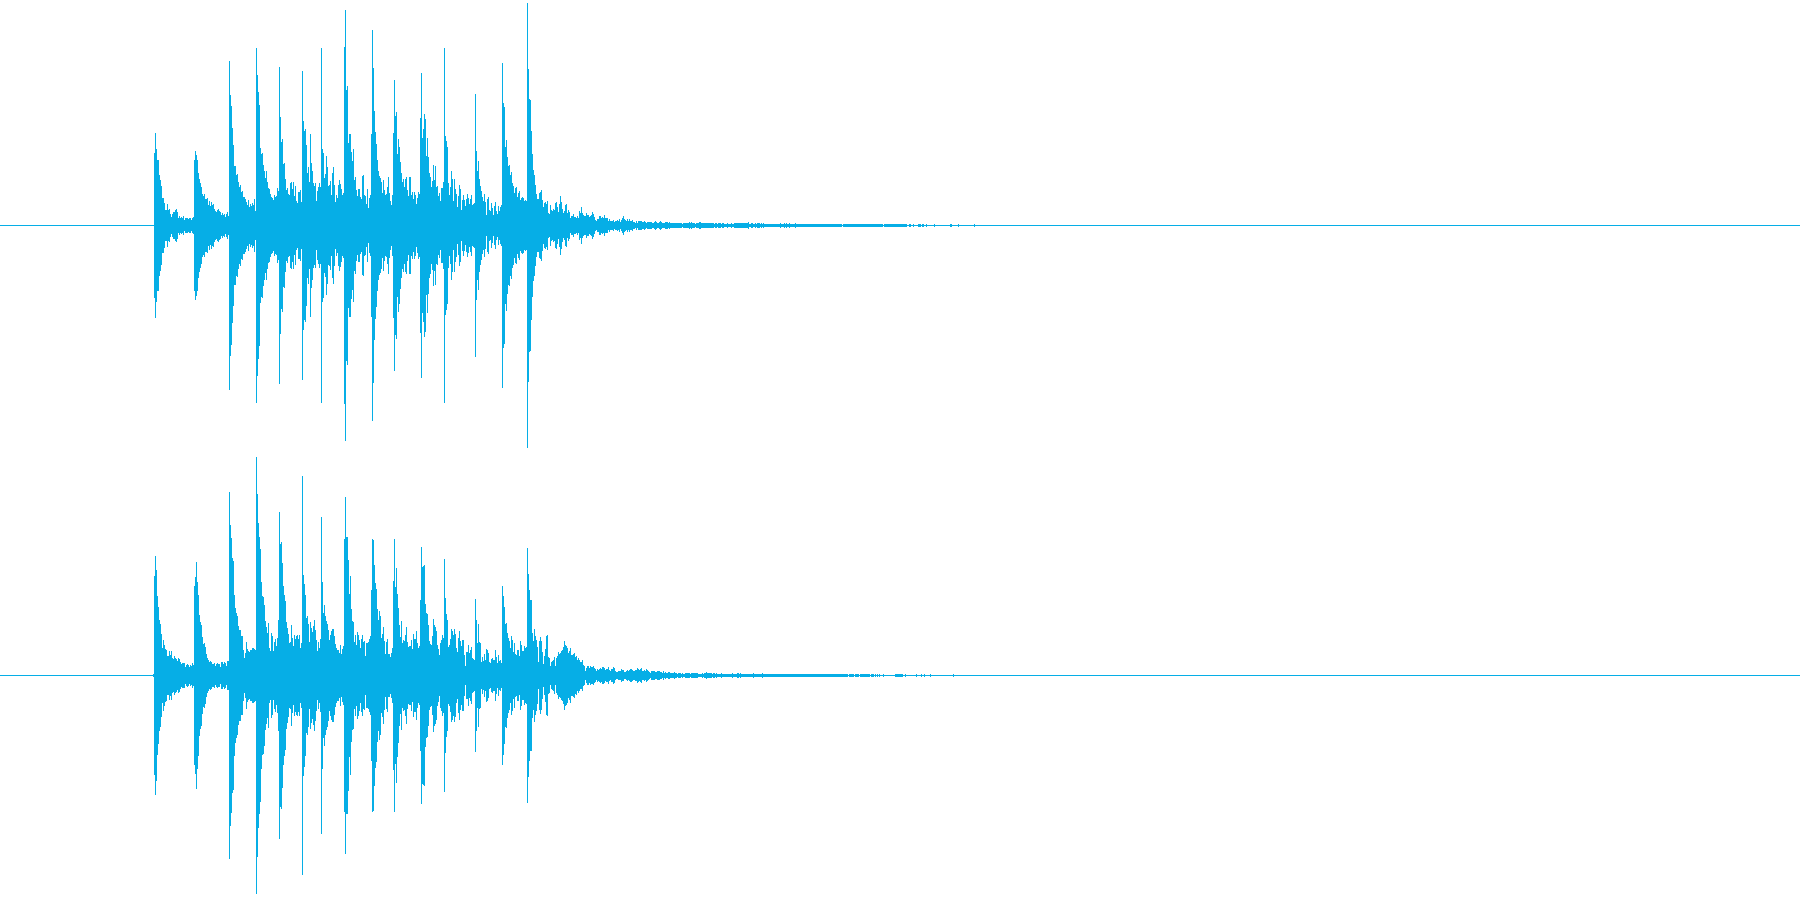 場面展開1(シロフォン)の再生済みの波形